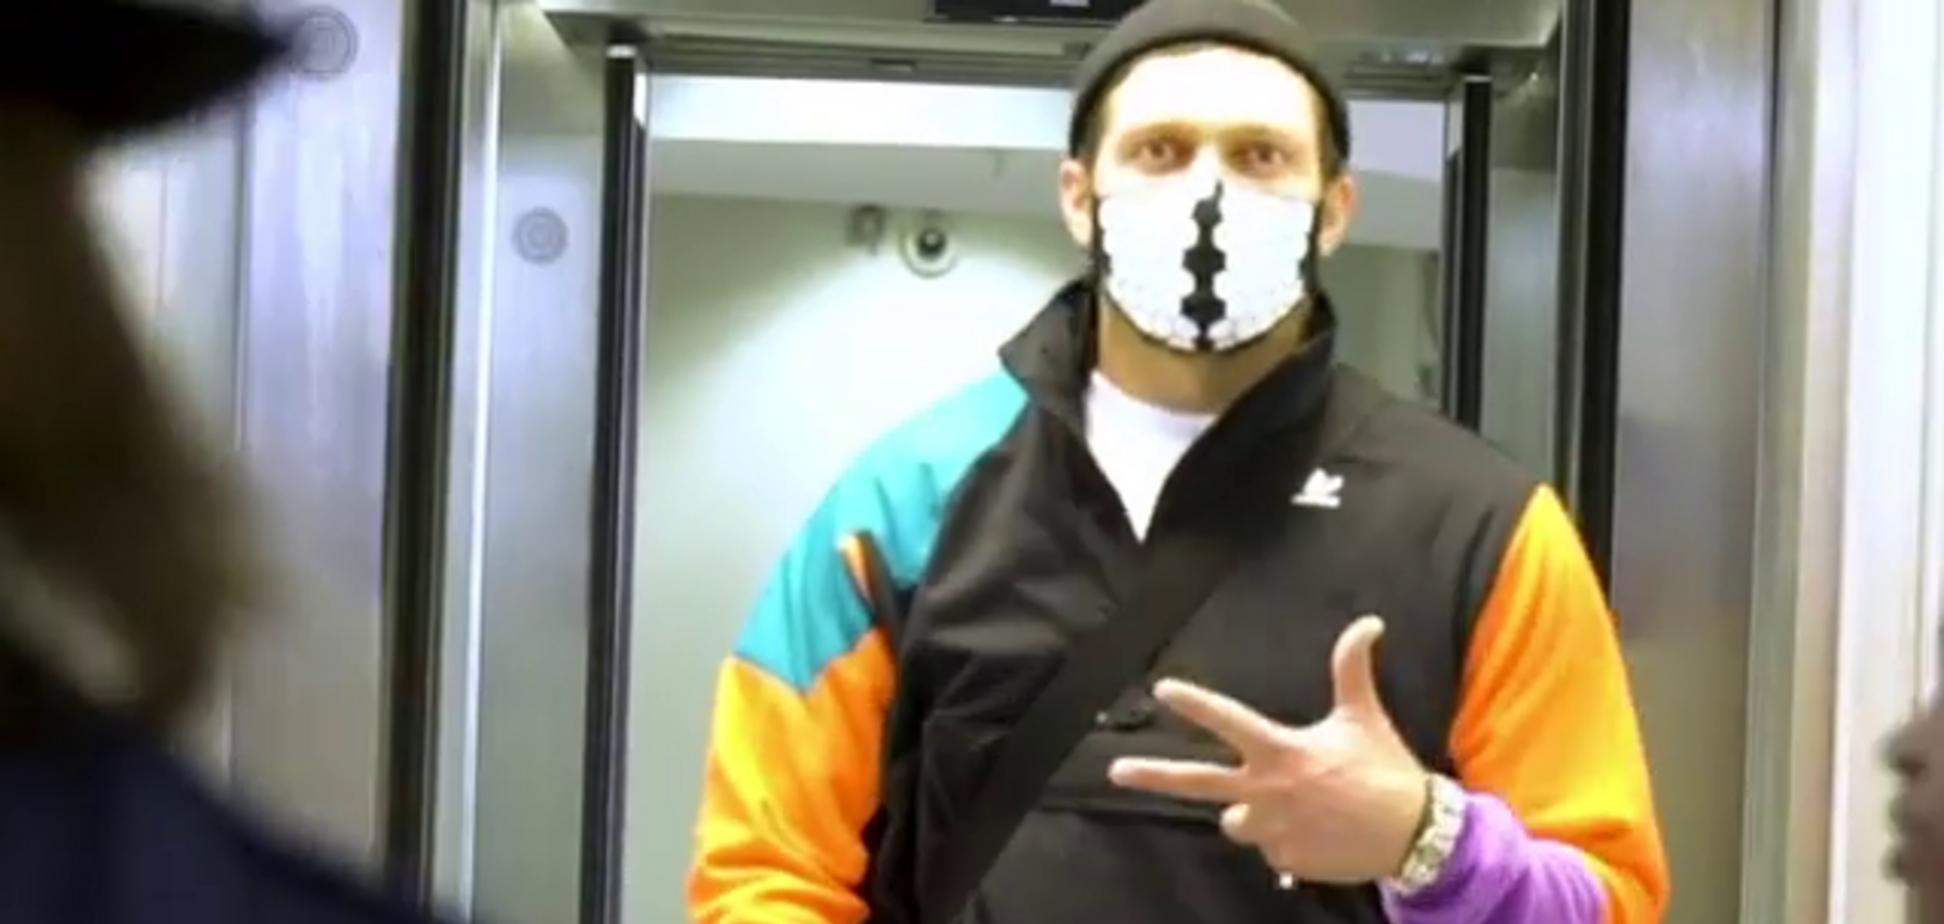 Усика в масці від коронавiрусу засікли в аеропорту